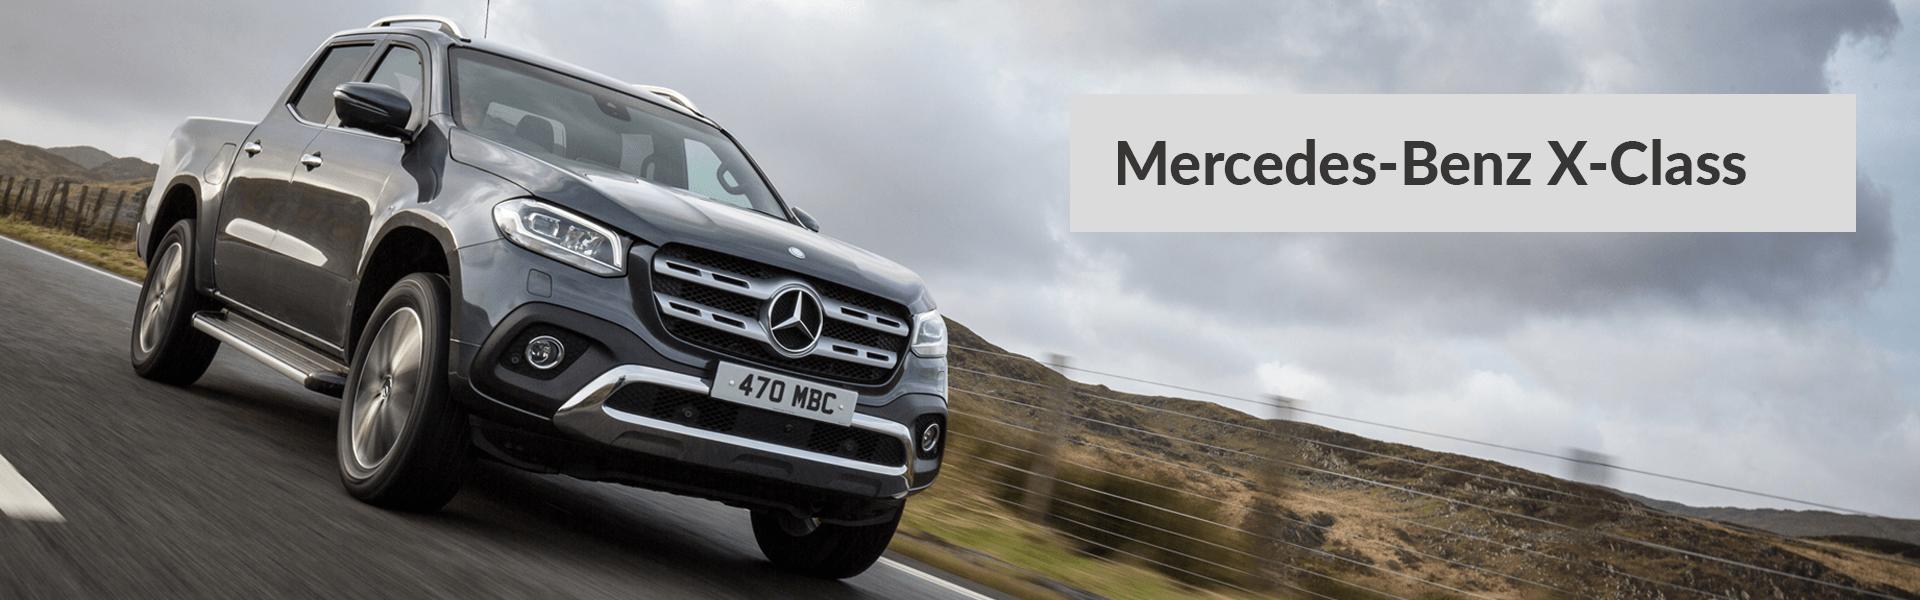 Mercedes-Benz X-Class Pick Up